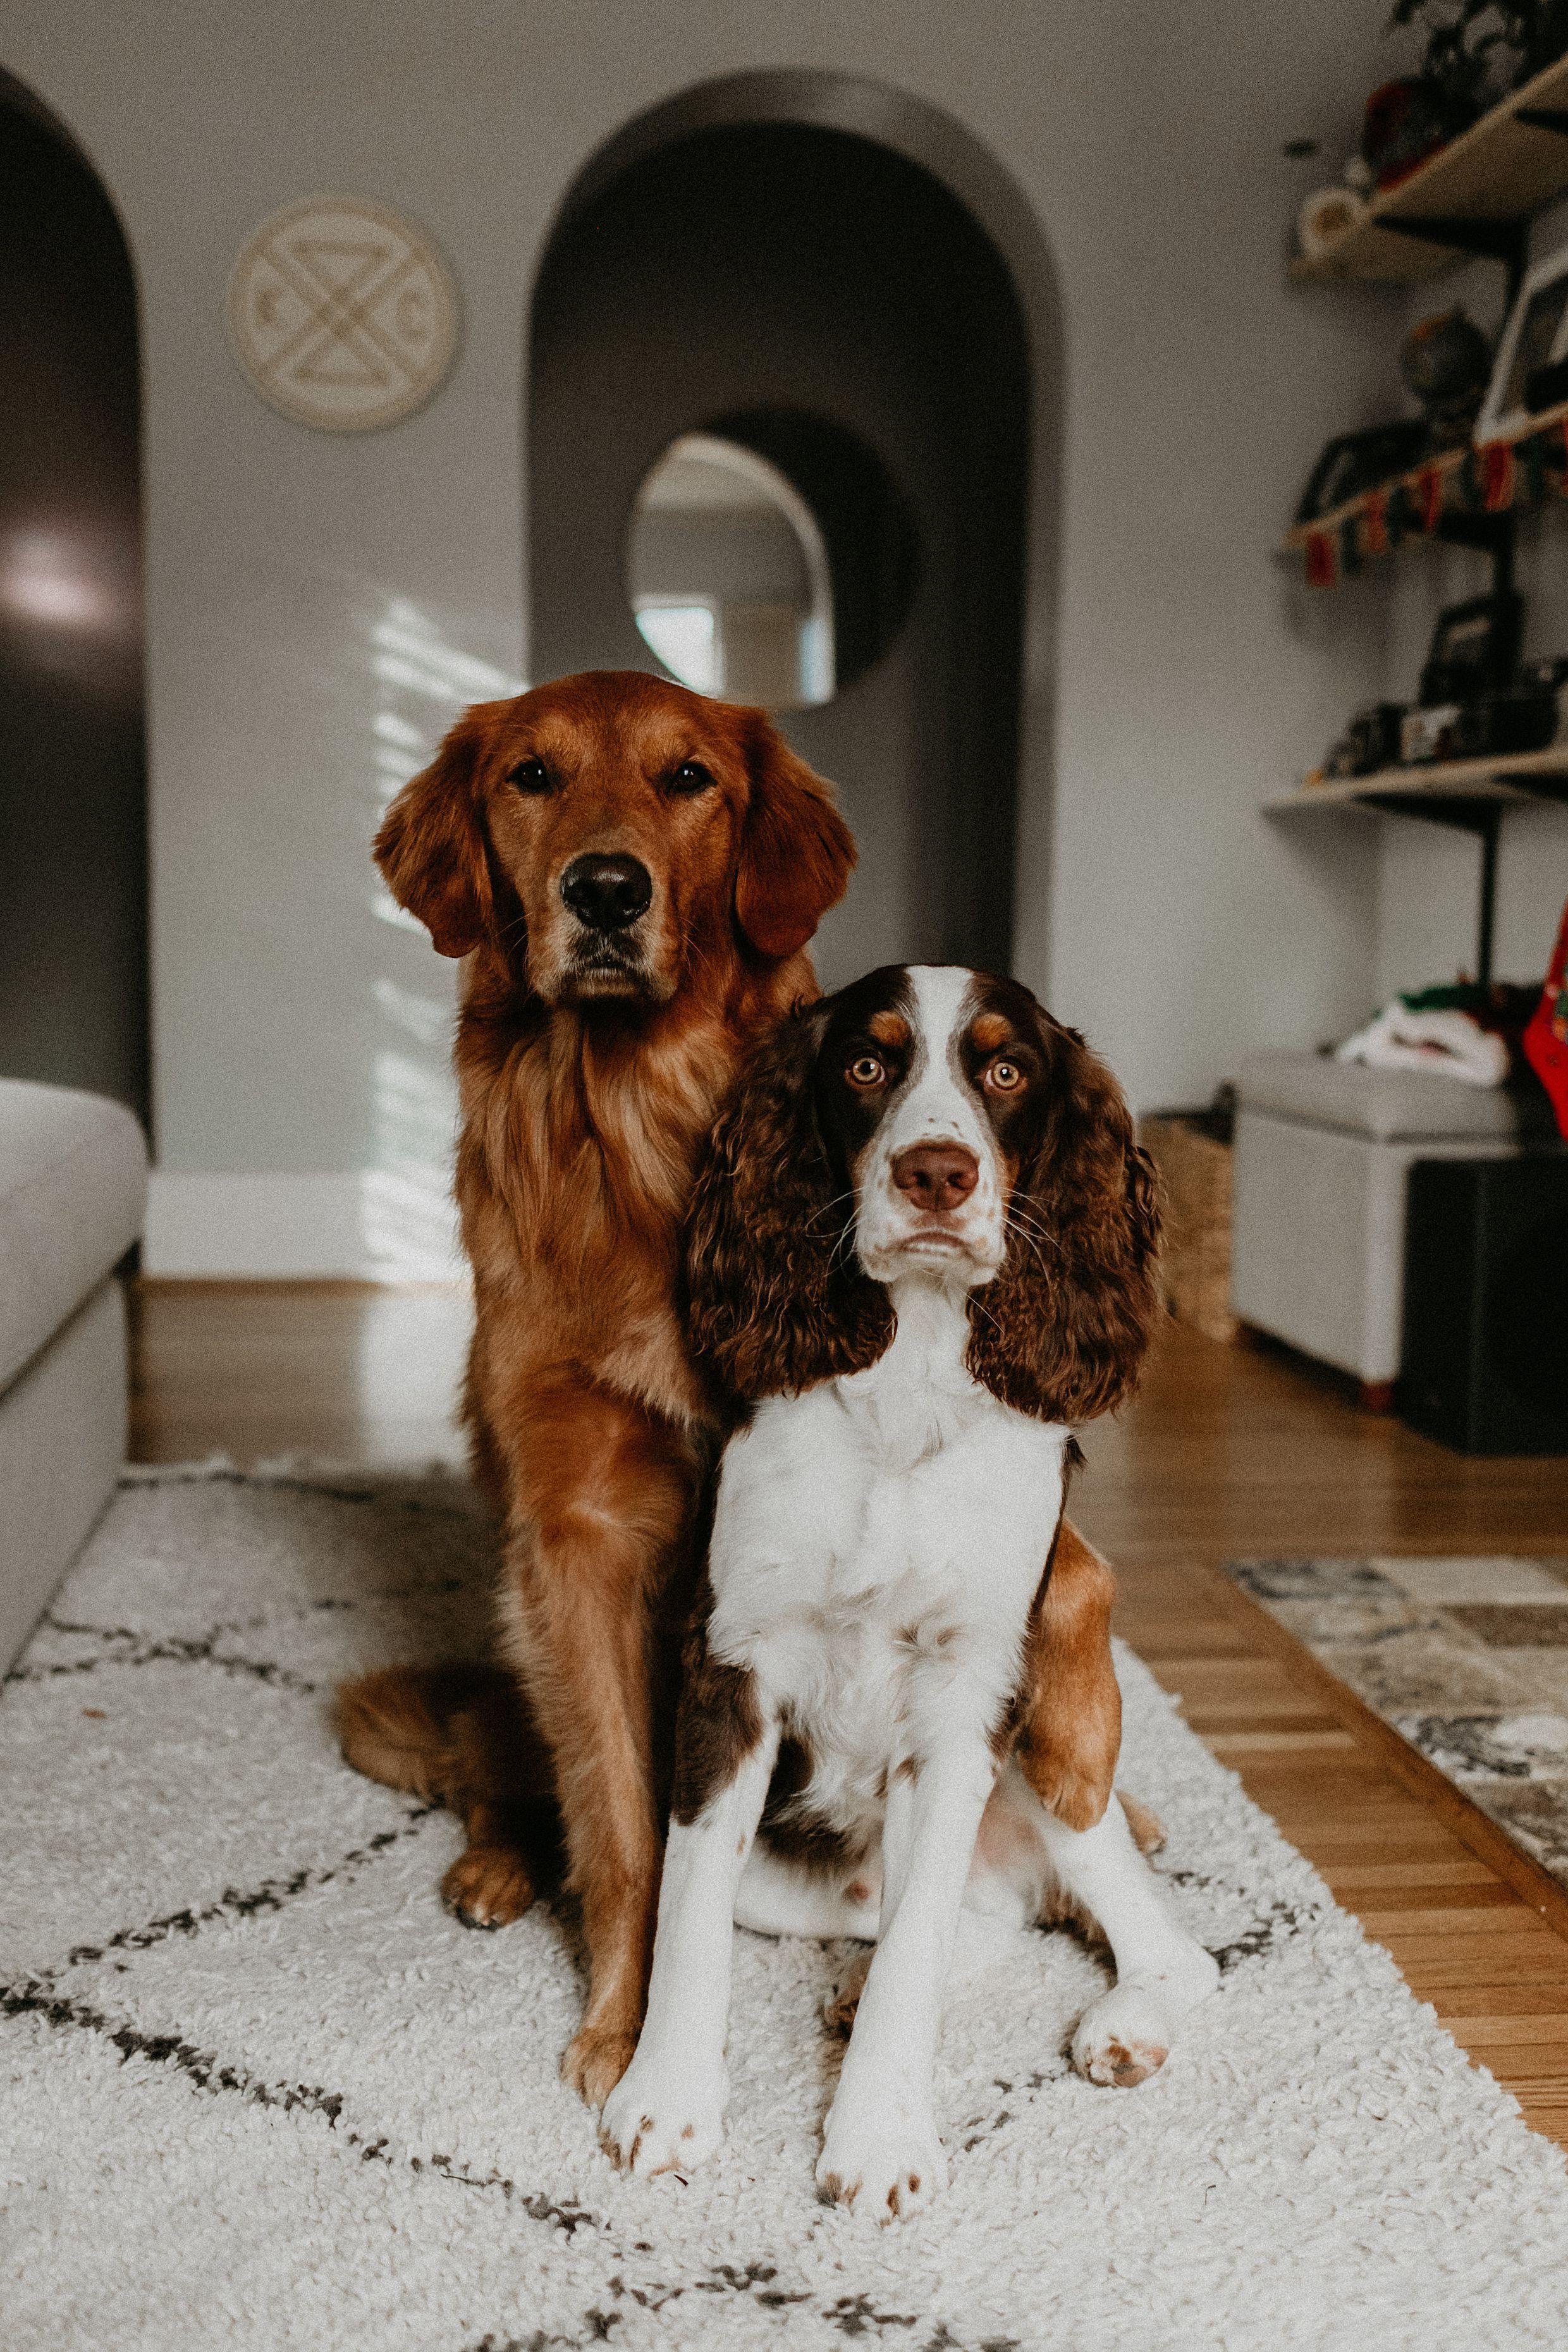 Golden Retriever Golden Retriever English Springer Spaniel Puppy Dog Best Friend